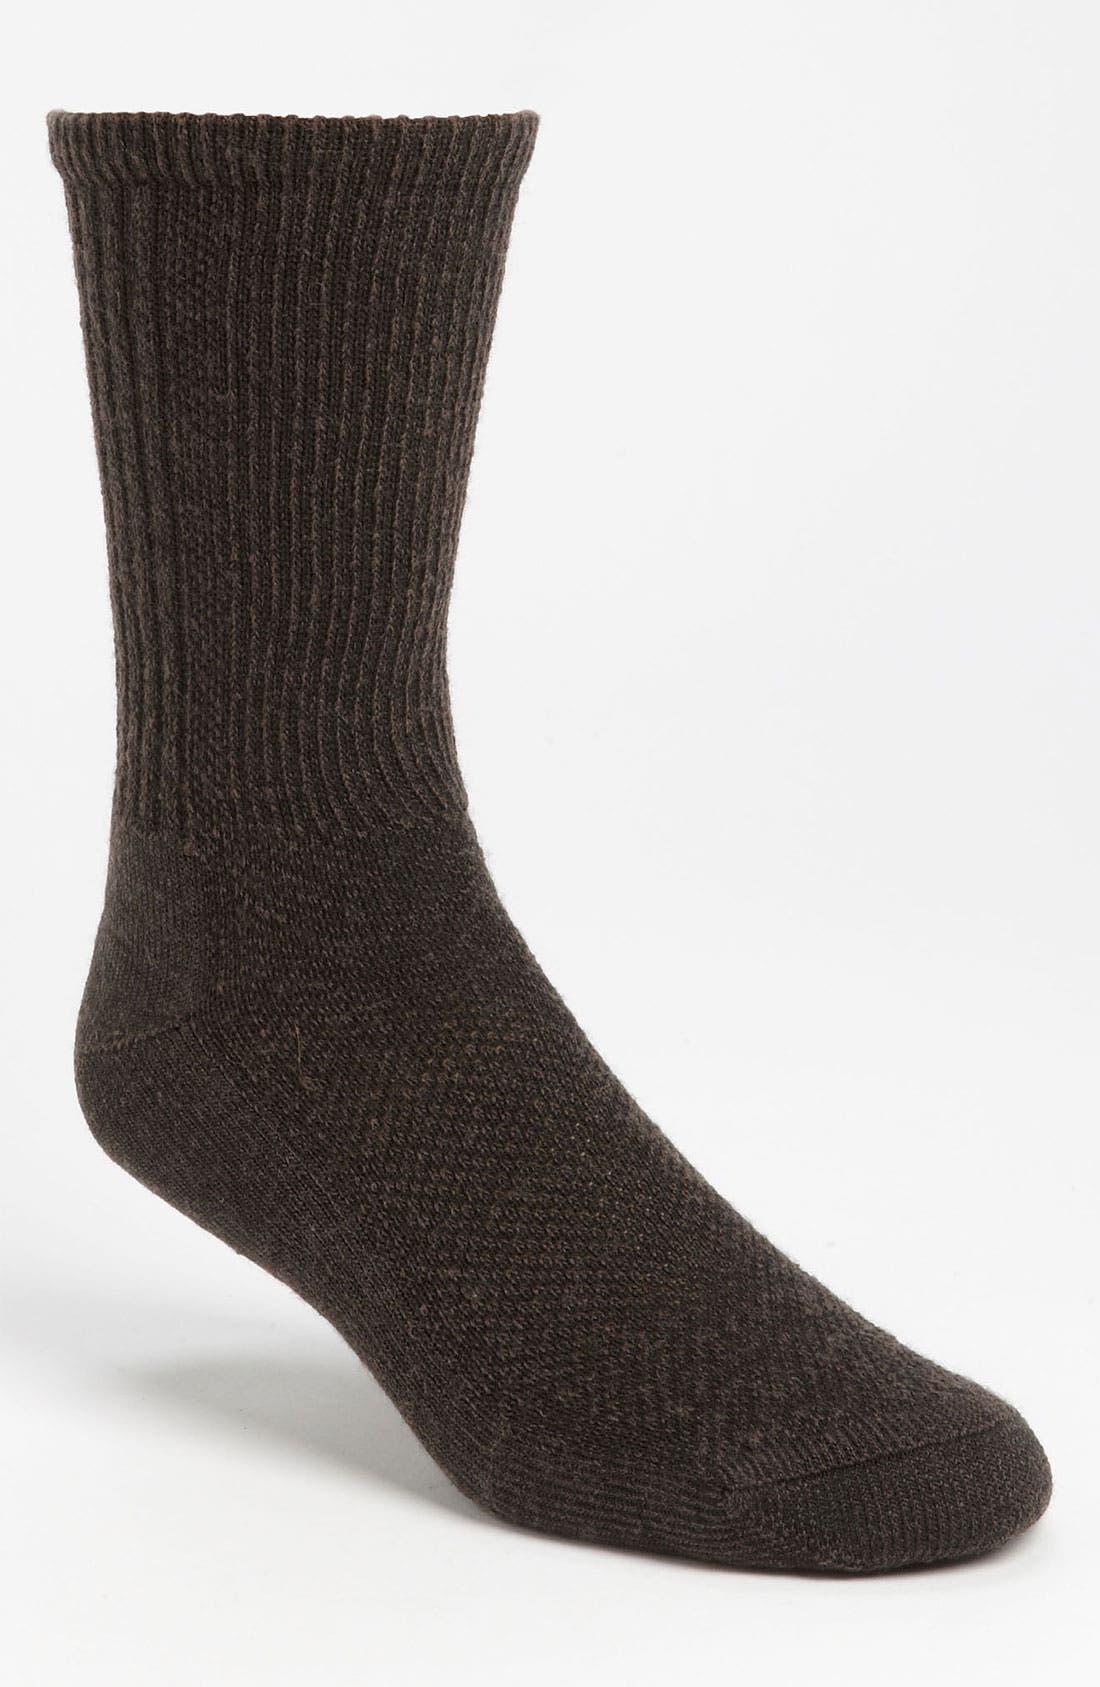 Main Image - Smartwool 'Hiker' Crew Socks (Men)